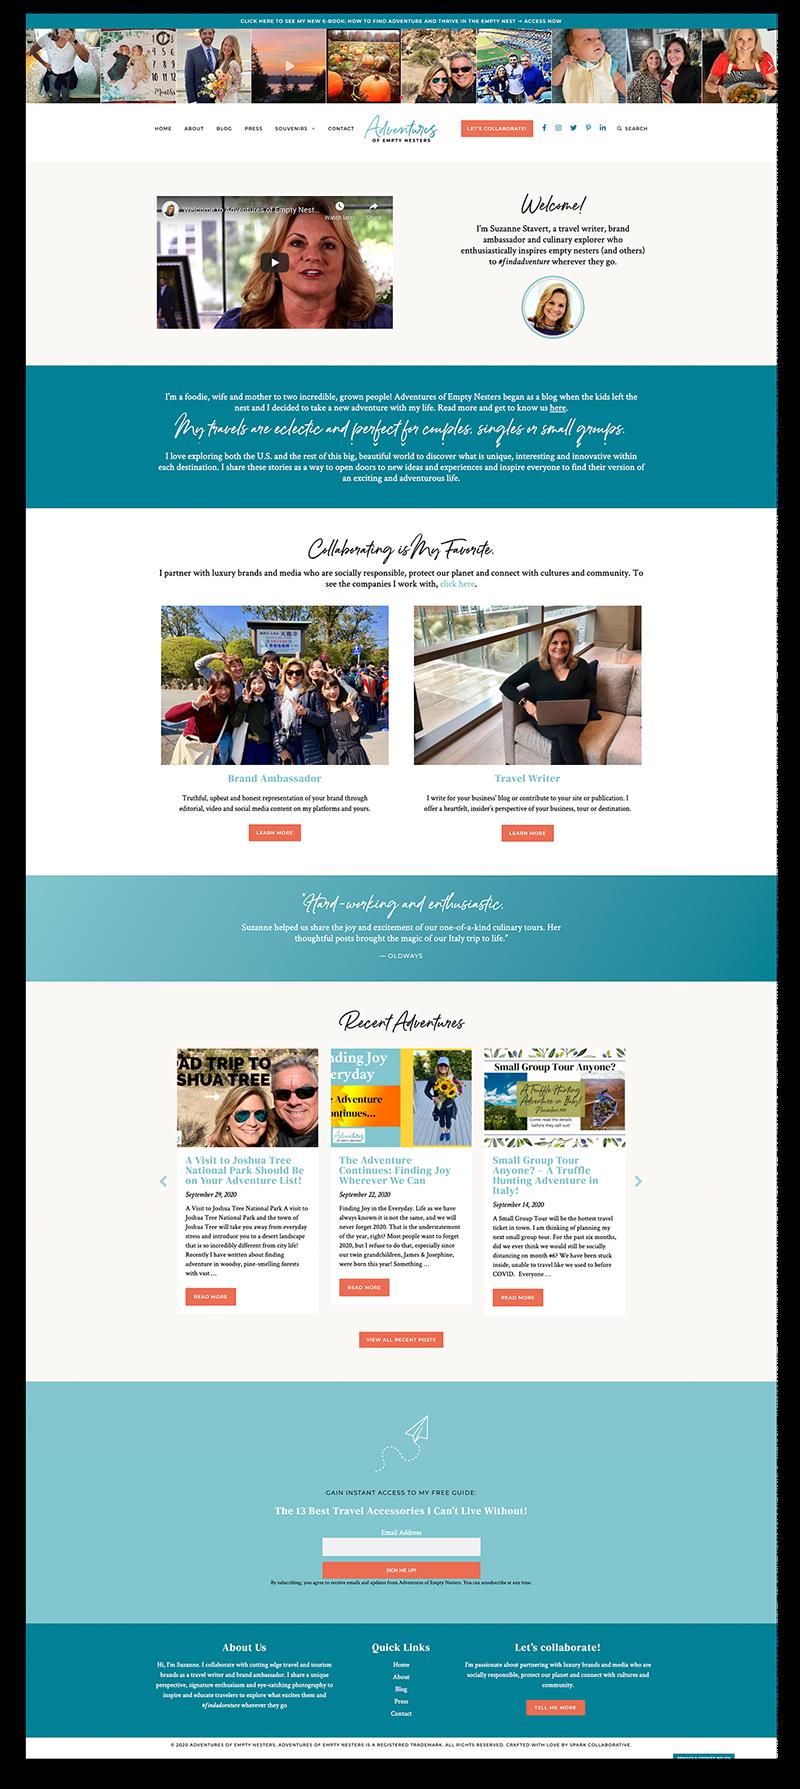 Adventures of Empty Nesters WordPress Website (Collaboration)